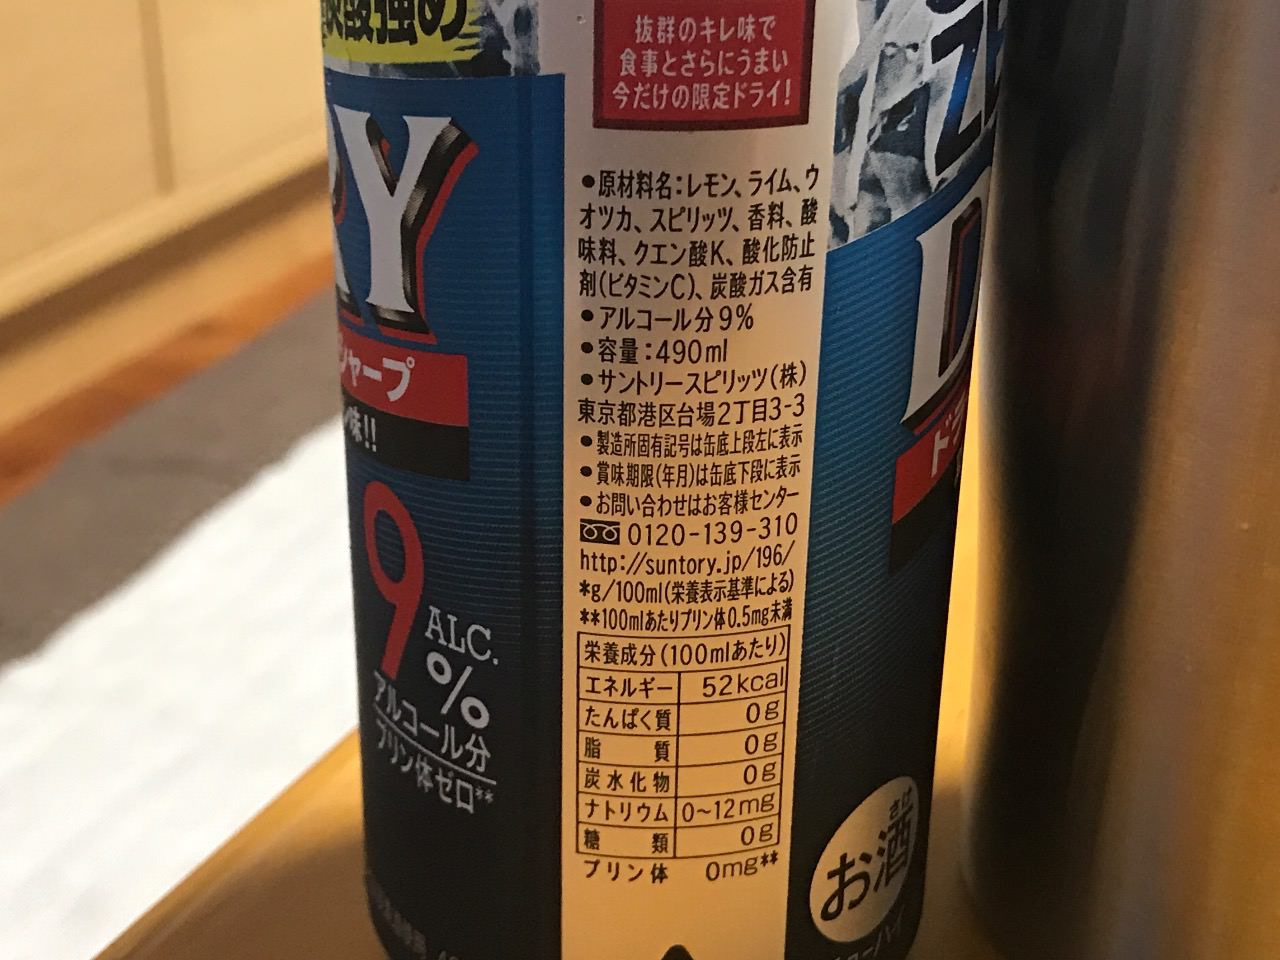 ドライ・ザ・シャープ 原材料名